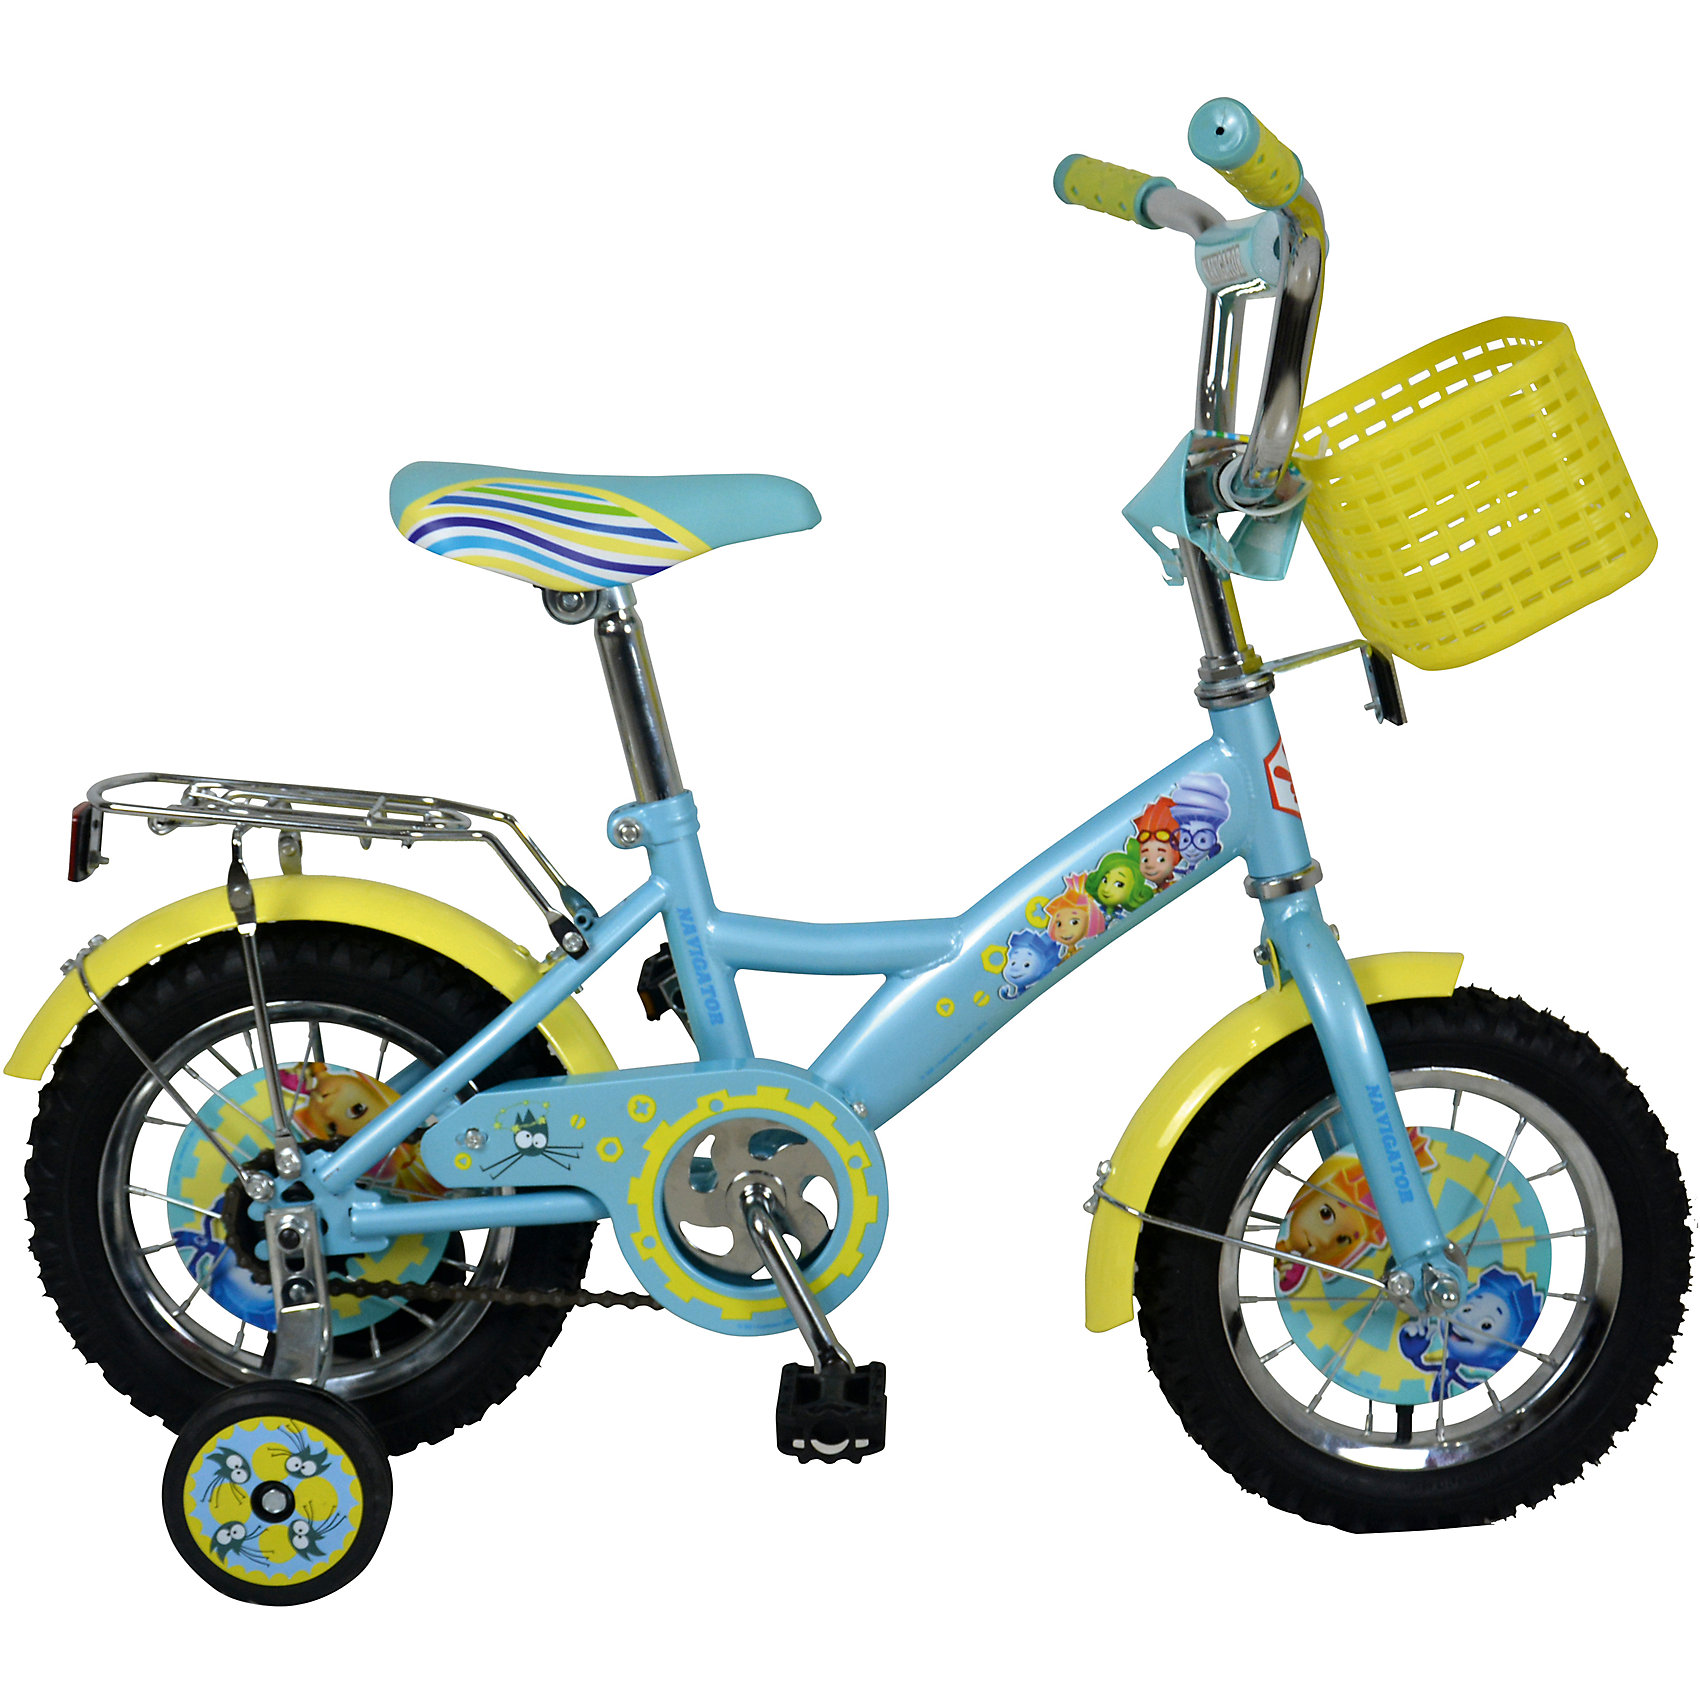 Велосипед Фиксики, NavigatorВелосипеды детские<br>Велосипед Фиксики, Navigator (Навигатор) – это яркий, стильный, надежный велосипед высокого качества.<br>Детский велосипед Фиксики KITE-тип - это мечта любого ребенка, ведь на нем нарисованы любимые герои мультфильма «Фиксики». Он идеален для тех, кто только учится кататься и не умеет держать равновесие. Жесткая рама велосипеда выполнена из высокопрочного металла. Покрытие рамы устойчиво к царапинам. Высота руля и сиденья легко регулируется в соответствии с возрастом и ростом ребенка. Мягкая накладка на руле обеспечит небольшое смягчение при падении на руль. Колеса оснащены резиновыми шинами, которые хорошо удерживают воздух. Велосипед имеет дополнительные страховочные колеса, защиту цепи, стальные обода для защиты от брызг, удобное сиденье эргономичной формы, пластиковую корзинку на руле, пищалку, задний багажник. Основные колеса декорированы яркими вставками в стиле Фиксики. На ручках руля нескользящие накладки. Катание на велосипеде поможет ребенку укрепить опорно-двигательную и сердечнососудистую системы.<br><br>Дополнительная информация:<br><br>- Возрастная категория: 4 -6 лет<br>- Подходит для детей ростом 95 - 115 см.<br>- Диаметр колёс: 14 дюймов<br>- Односоставной шатун<br>- Ножной тормоз<br>- Материал рамы: сталь<br>- Вес в упаковке: 9,8 кг.<br><br>Велосипед Фиксики, Navigator (Навигатор) можно купить в нашем интернет-магазине.<br><br>Ширина мм: 805<br>Глубина мм: 170<br>Высота мм: 365<br>Вес г: 9800<br>Возраст от месяцев: 48<br>Возраст до месяцев: 120<br>Пол: Унисекс<br>Возраст: Детский<br>SKU: 4655122